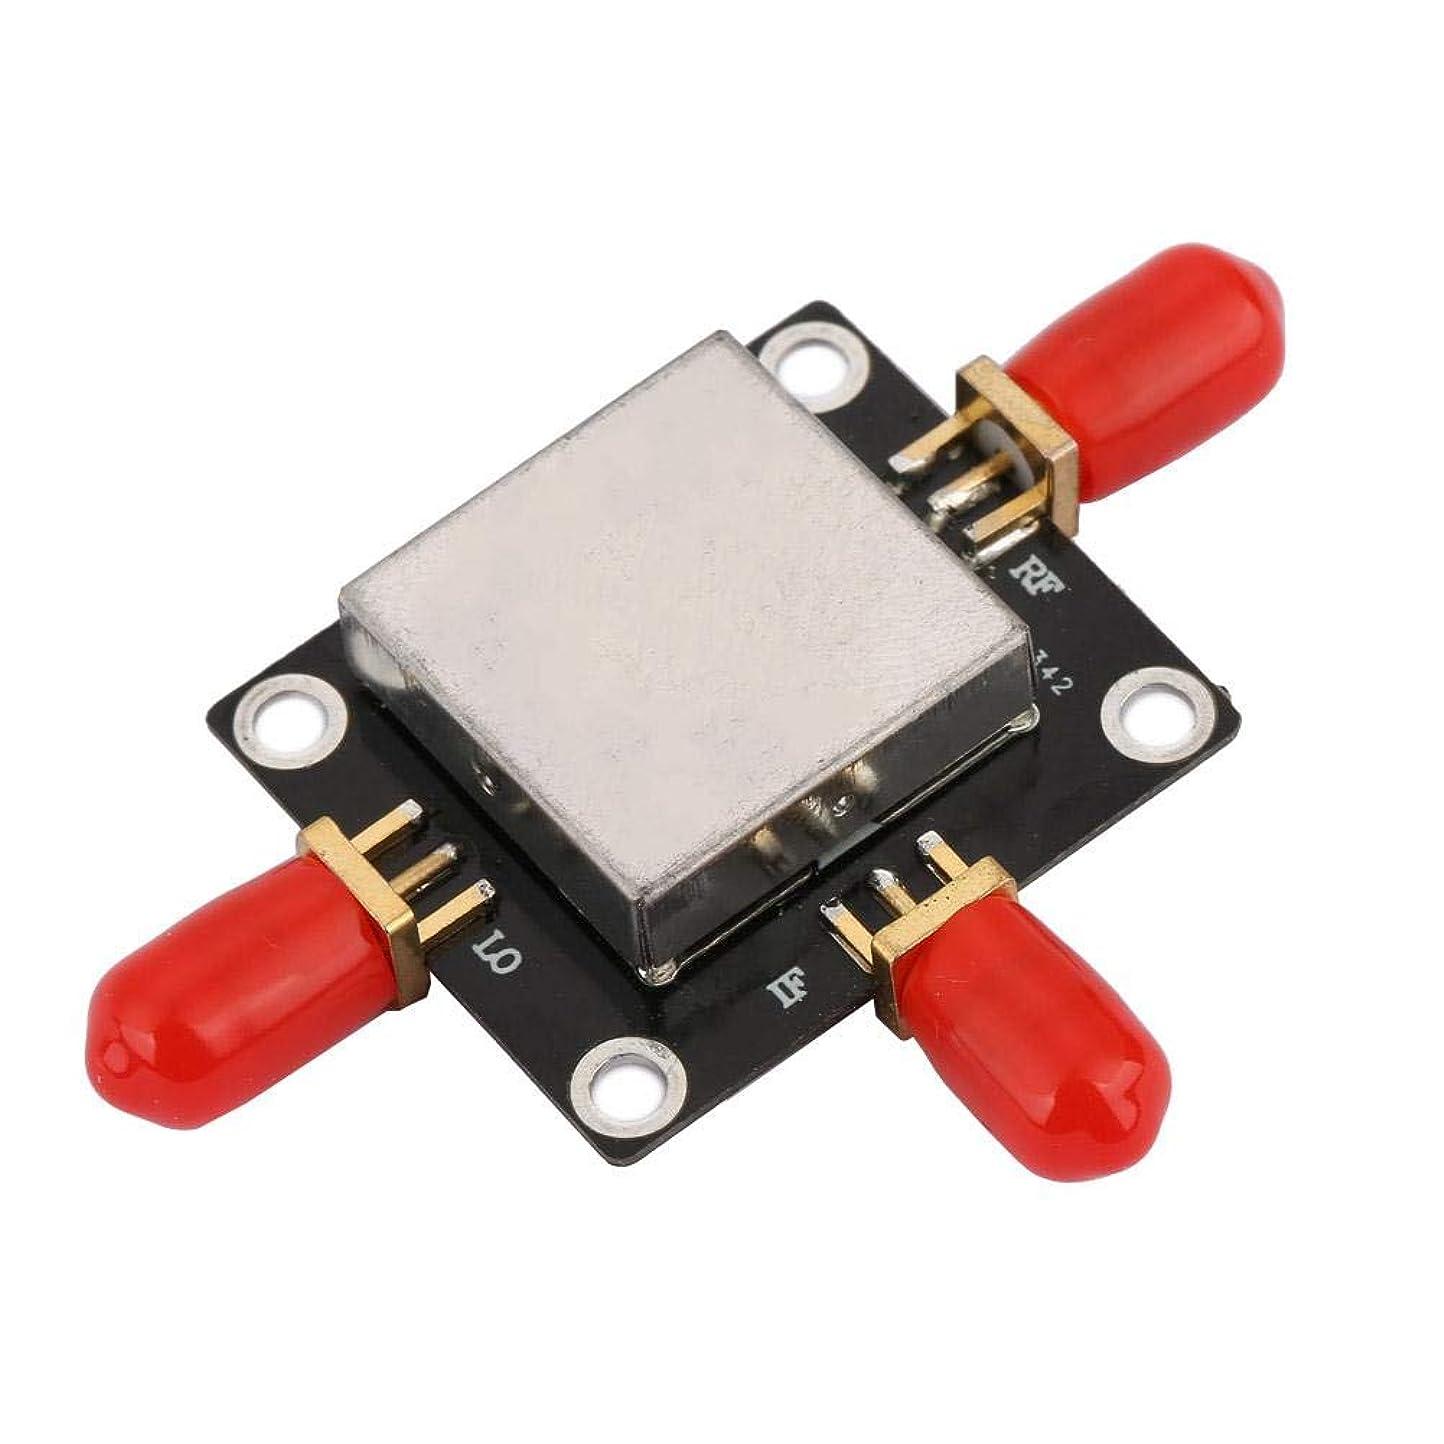 基本的なラフト省略Akozonパッシブミキサー、4.5-9G高リニア低ノイズパッシブミキサーダイオードダブルバランスドミキサー